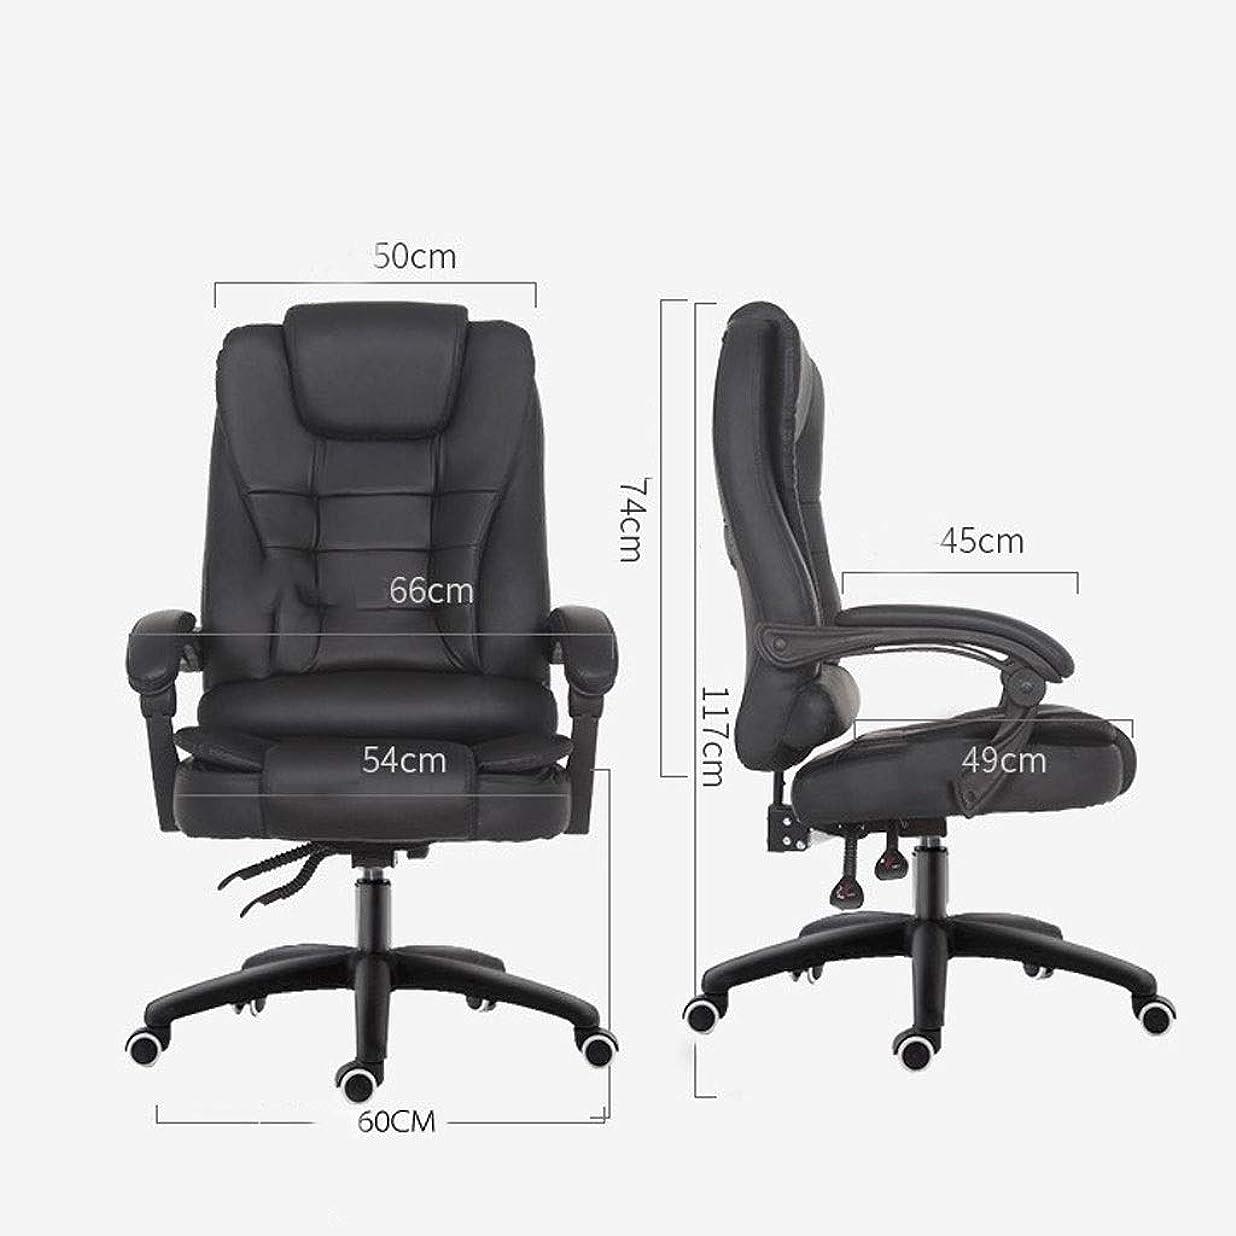 市の中心部資格情報受粉者革製のオフィスチェア、人間工学に基づいたゲームシートのナイロン製の足、マッサージフットレストスイベルリクライニング付きスプリングパッケージクッション (Color : Black)